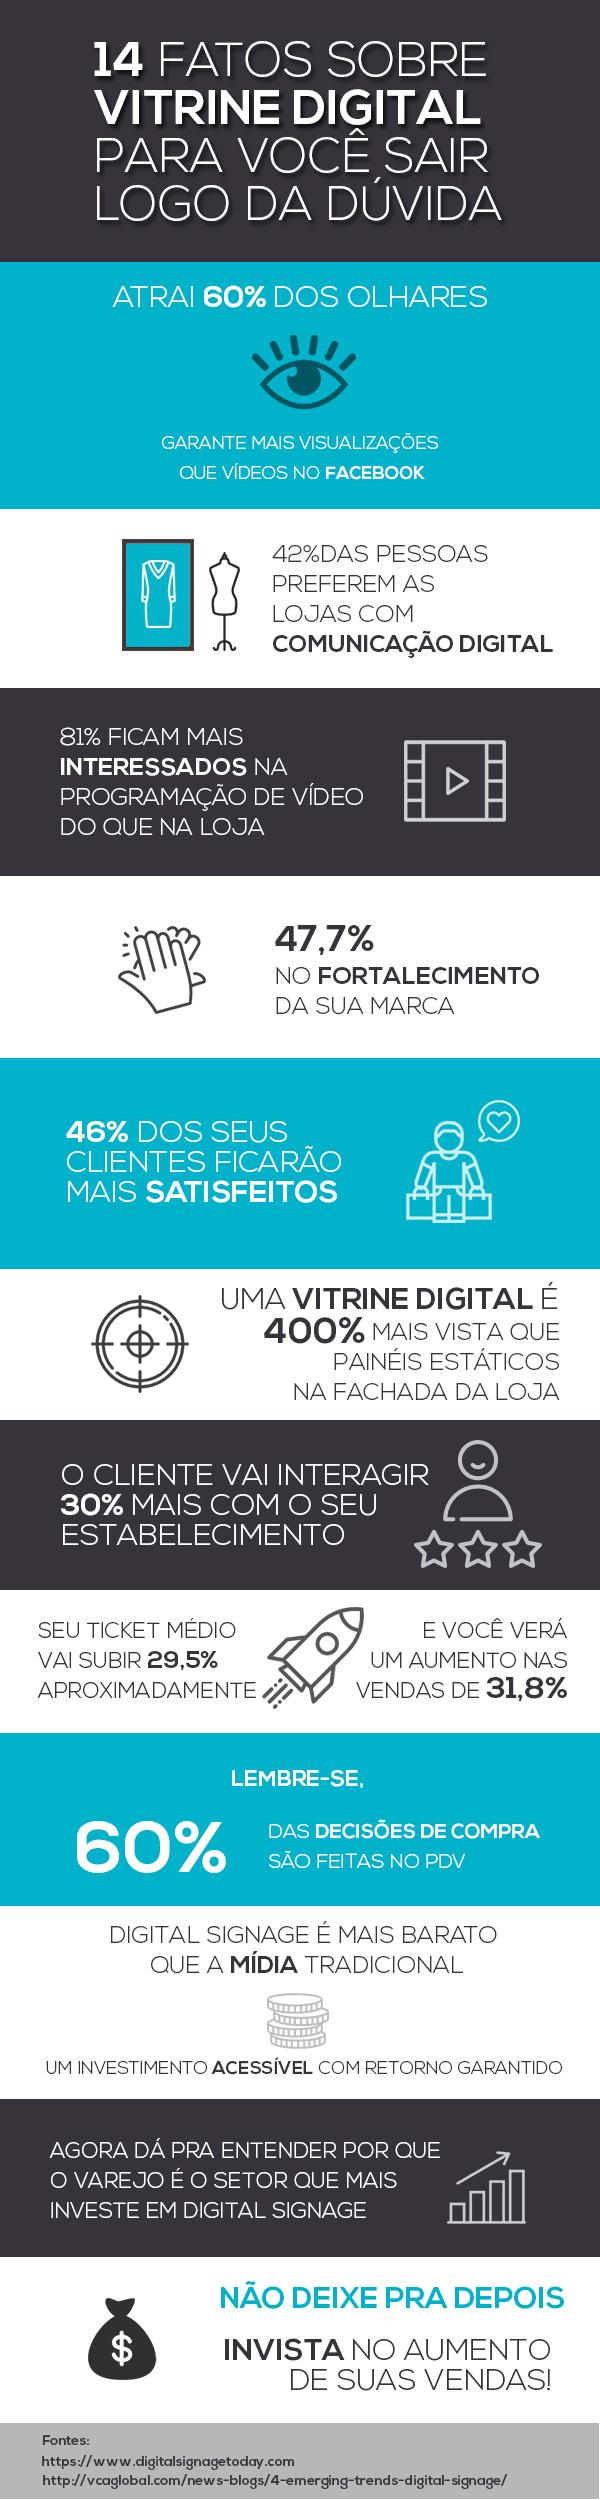 Conheça o Infográfico com dados sobre a Vitrine Digital